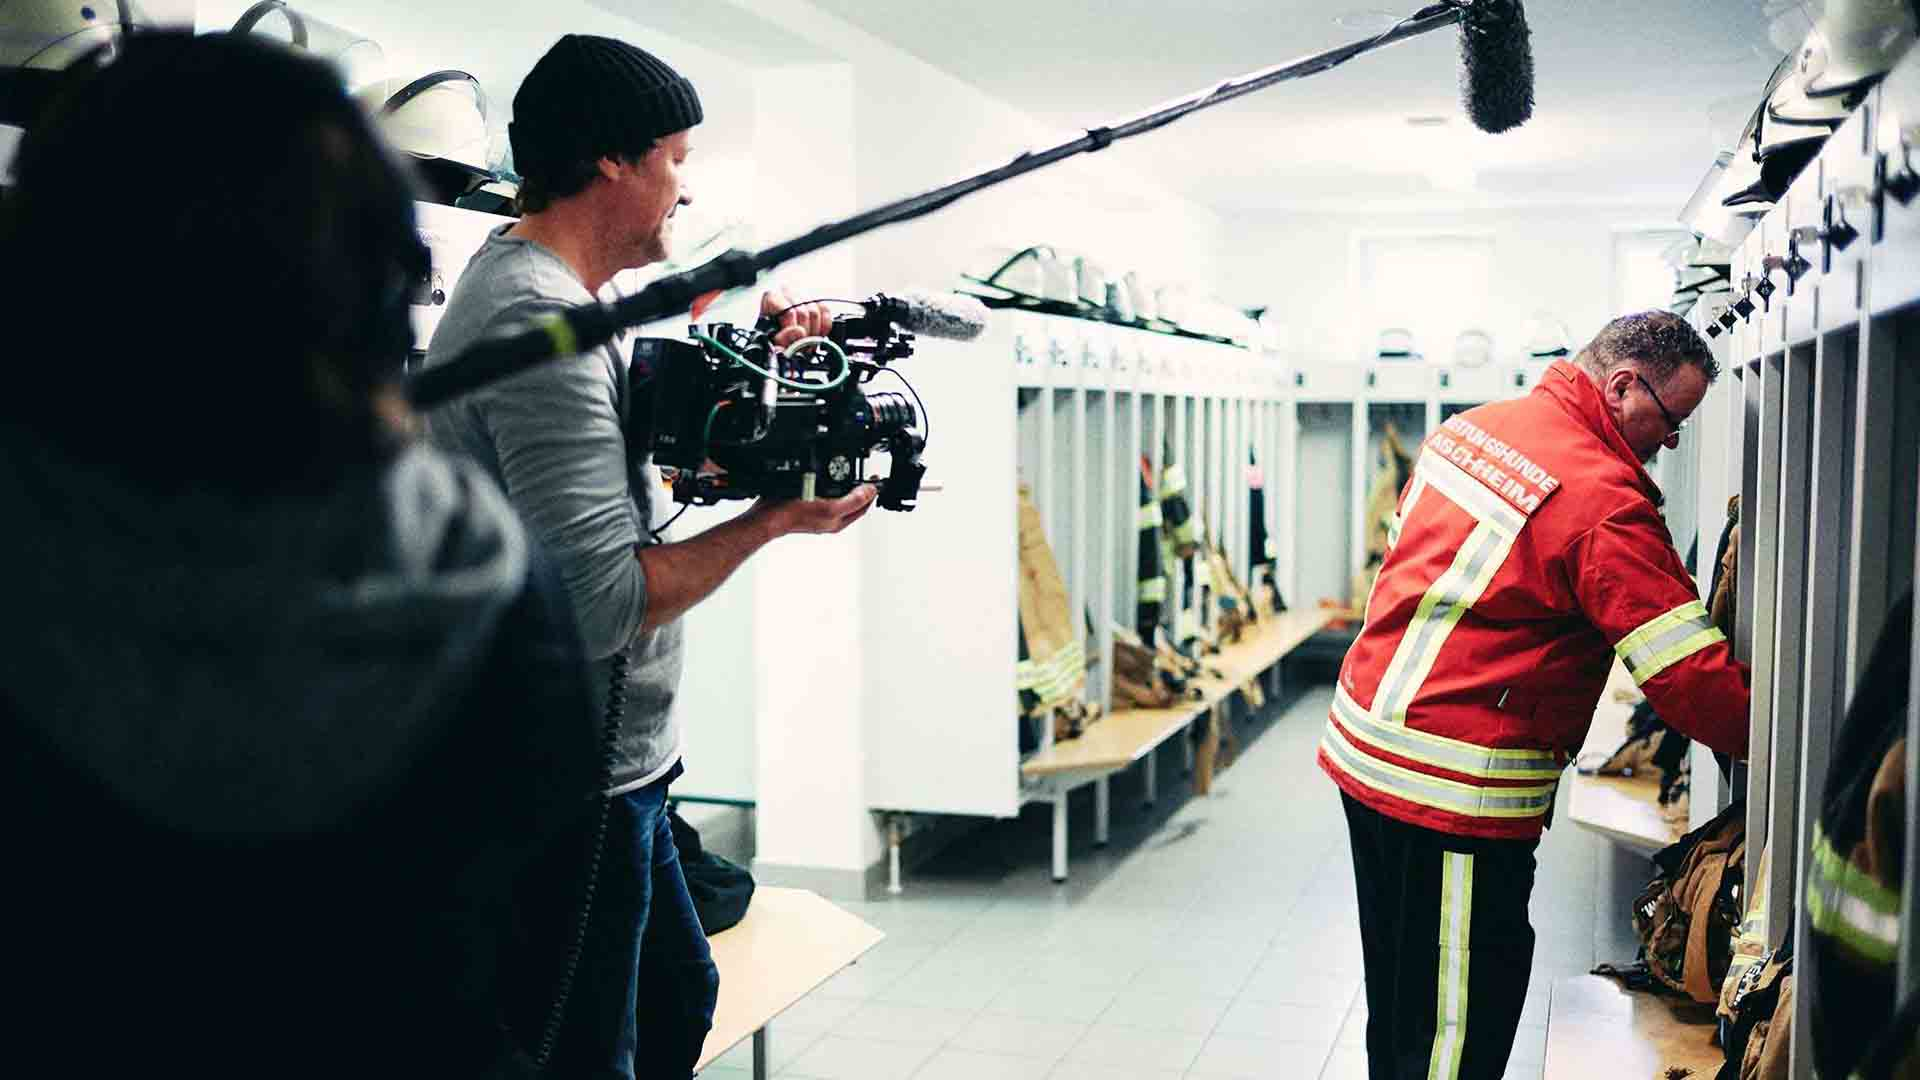 Das Bild zeigt einen Feuerwehrmann der in einer Umkleidekabine steht. Er trägt seine Uniform und holt etwas aus einem Spind. Neben ihm steht ein Kameramann der ihn filmt. Neben dem Kameramann steht ein Tonassistent der ein Tongerät hält. Das Bild dient als Sliderbild für den Portfolioeintrag Audi | FC Bayern München Ehrenrunde von Panda Pictures.